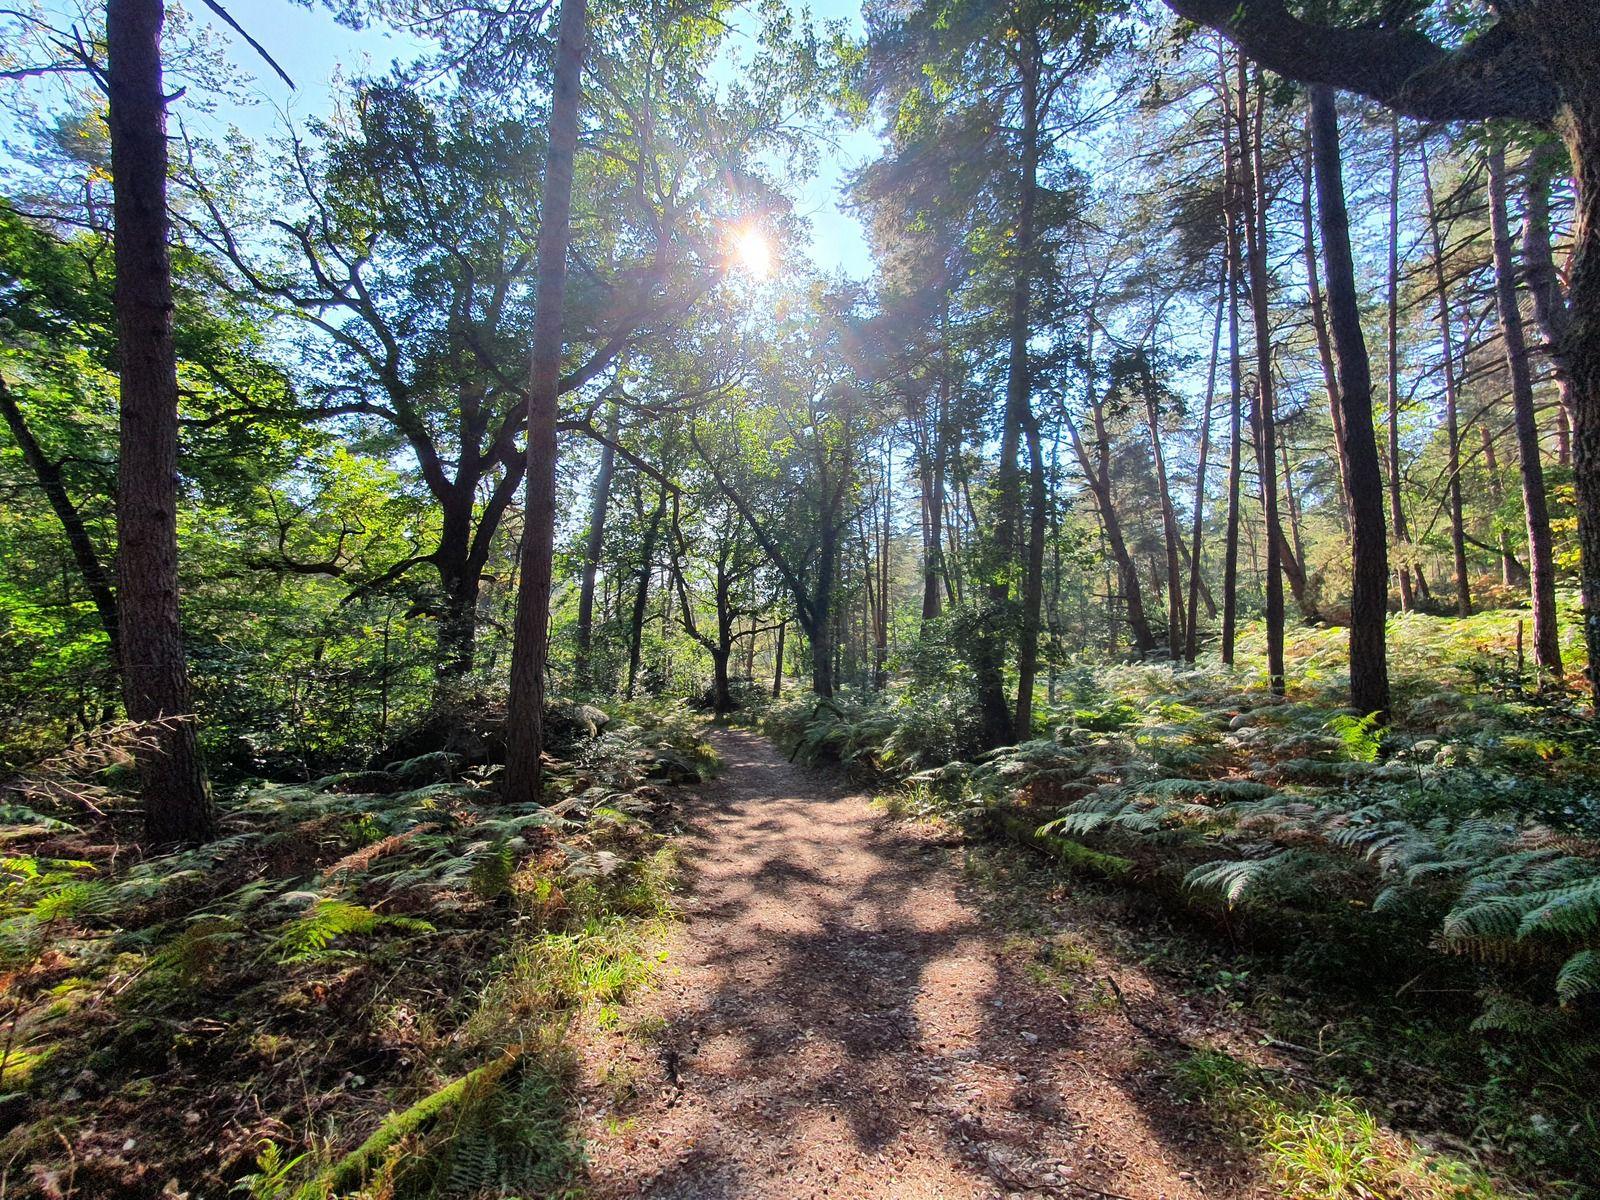 Route de Bellevue, Forêt de Fontainebleau